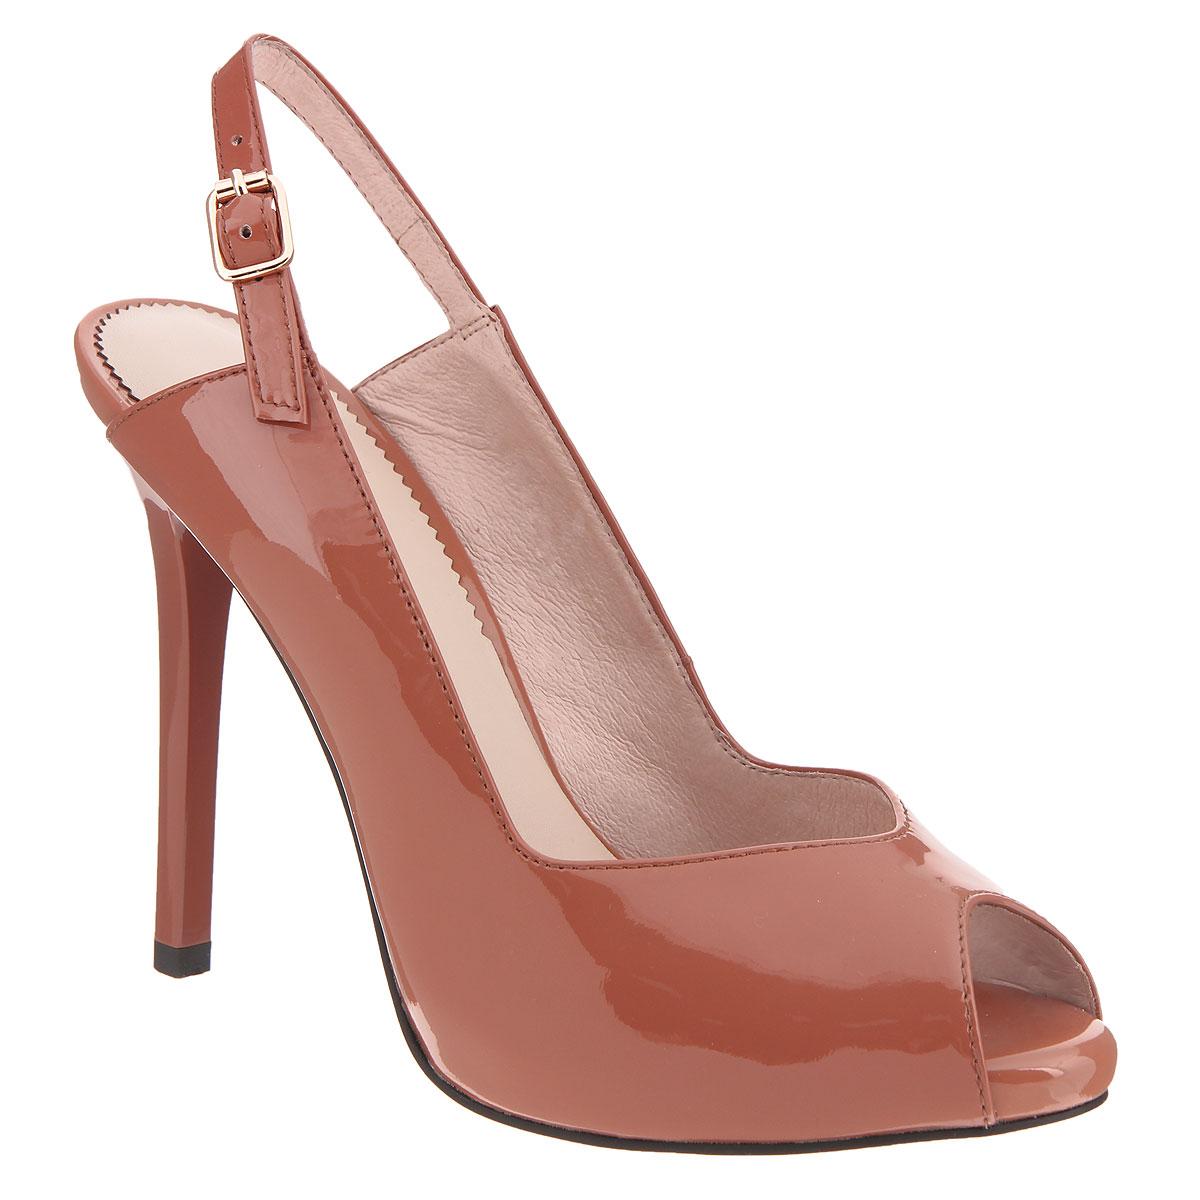 Туфли женские. CZL133-102ACZL133-102AЖенские туфли на шпильке от Lisette прекрасно подчеркнут ваш стиль. Верх модели выполнен из натуральной лакированной кожи. Внутренняя часть и стелька из натуральной кожи гарантируют комфорт и удобство при ходьбе. Открытый носок добавляет женственности в образ. Открытая пятка дополнена тонким ремешком с металлической пряжкой, который фиксирует модель на ноге. Высоту каблука компенсирует небольшая платформа. Подошва выполнена из прочной резины с противоскользящим рифлением. Такие туфли станут прекрасным дополнением вашего гардероба. Они сделают вас ярче и подчеркнут вашу индивидуальность!